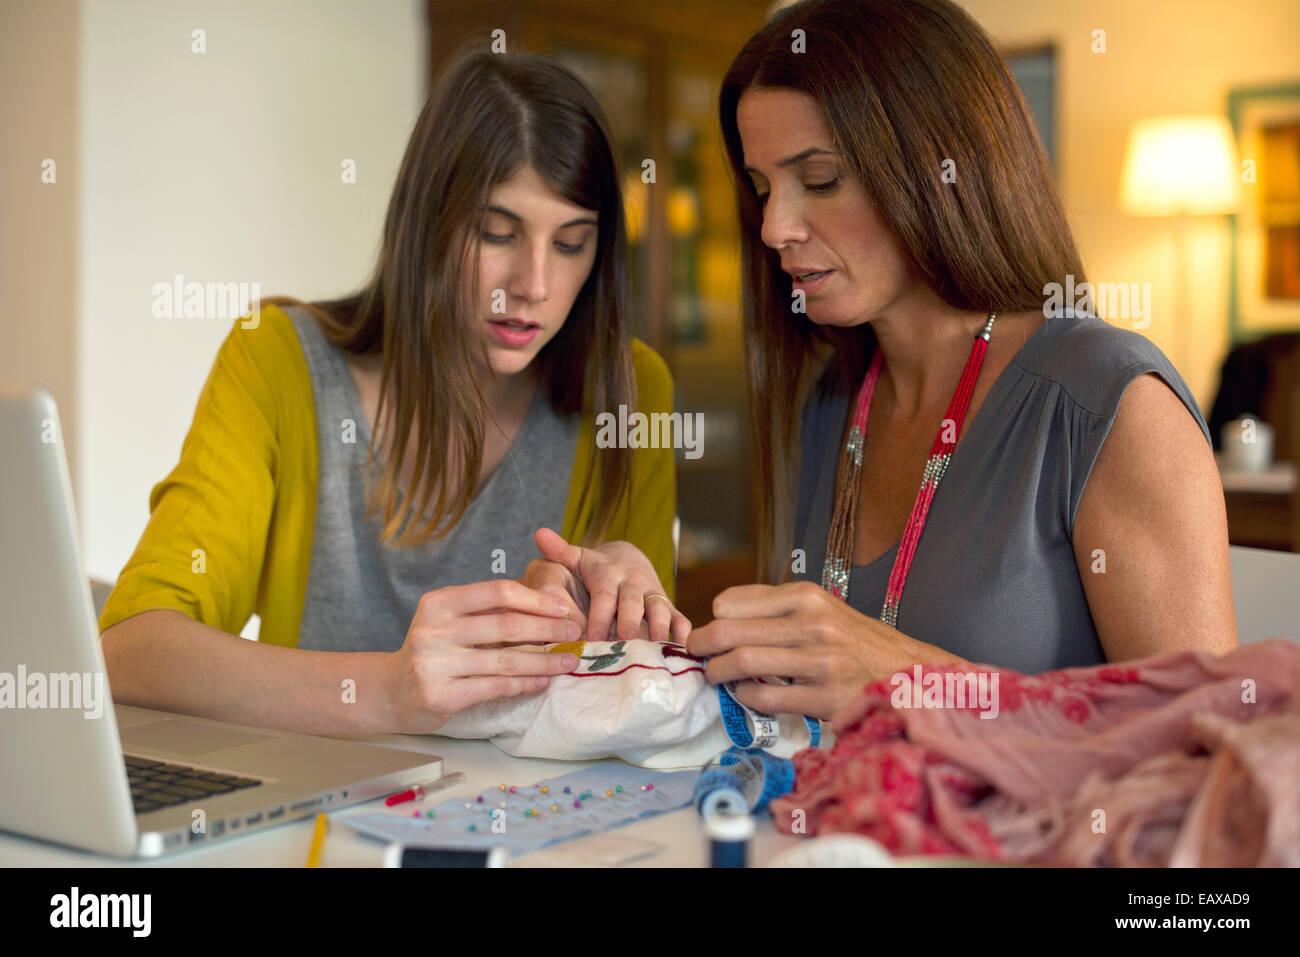 Mutter und Tochter gemeinsam Stickerei Stockbild